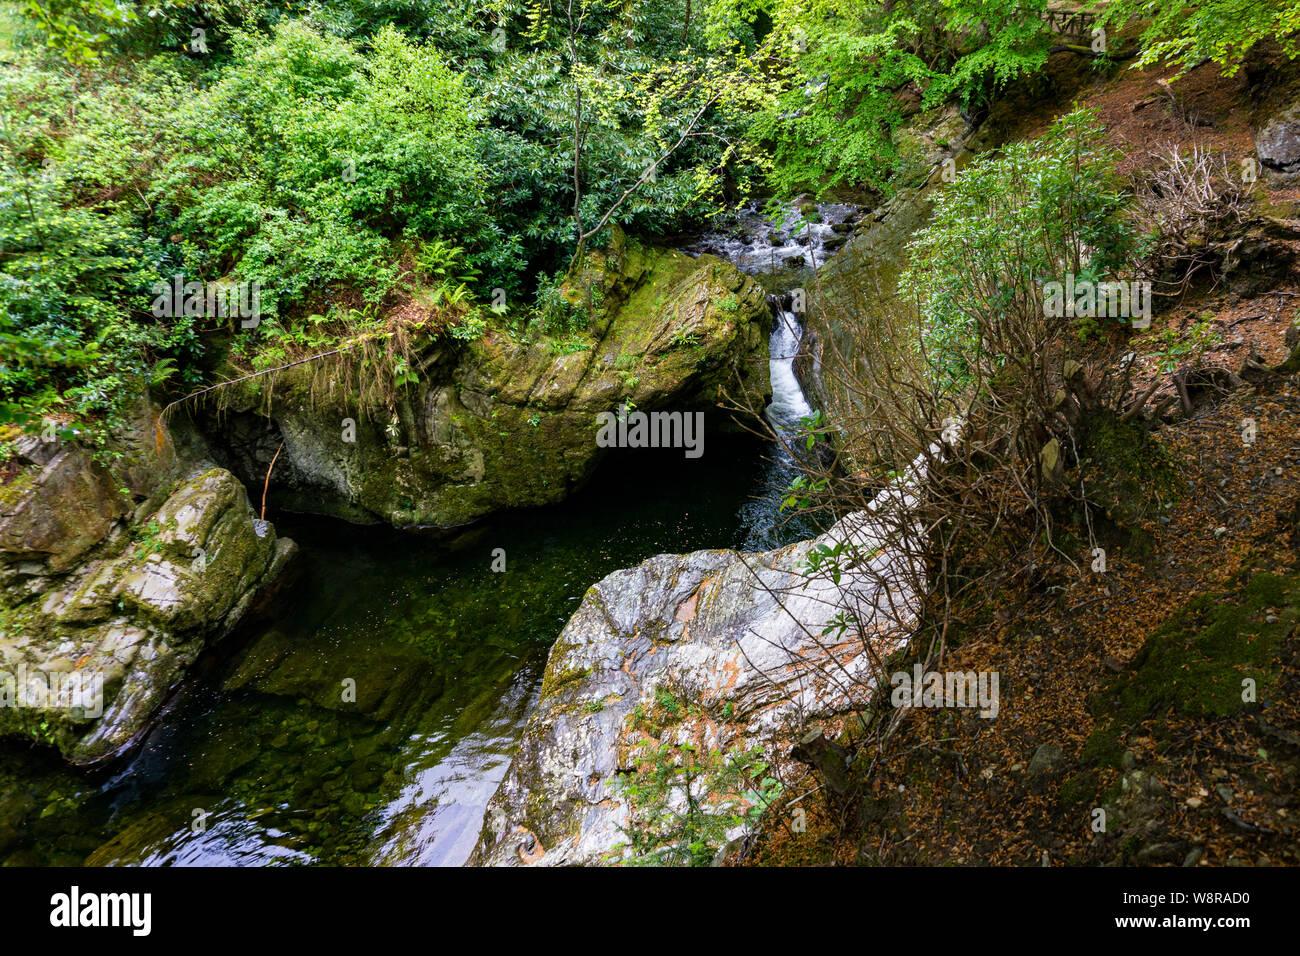 Árboles, lagos y arroyos en Tollymore Park, Irlanda Foto de stock